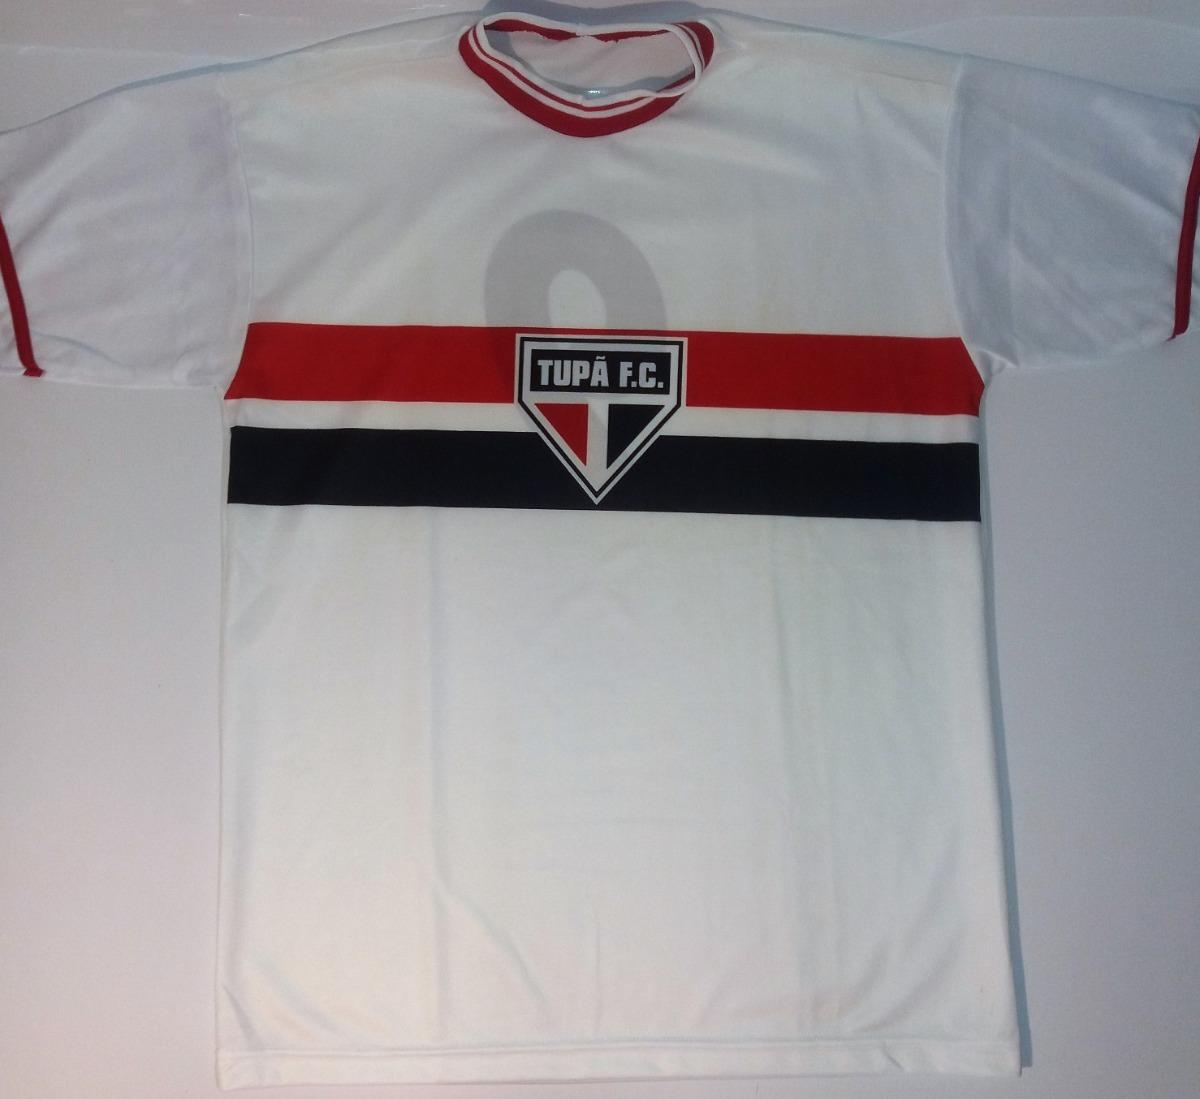 c8127d786b Camisa Tupã Futebol Clube Sp  antiga  rara  indio  guerreiro - R  59 ...